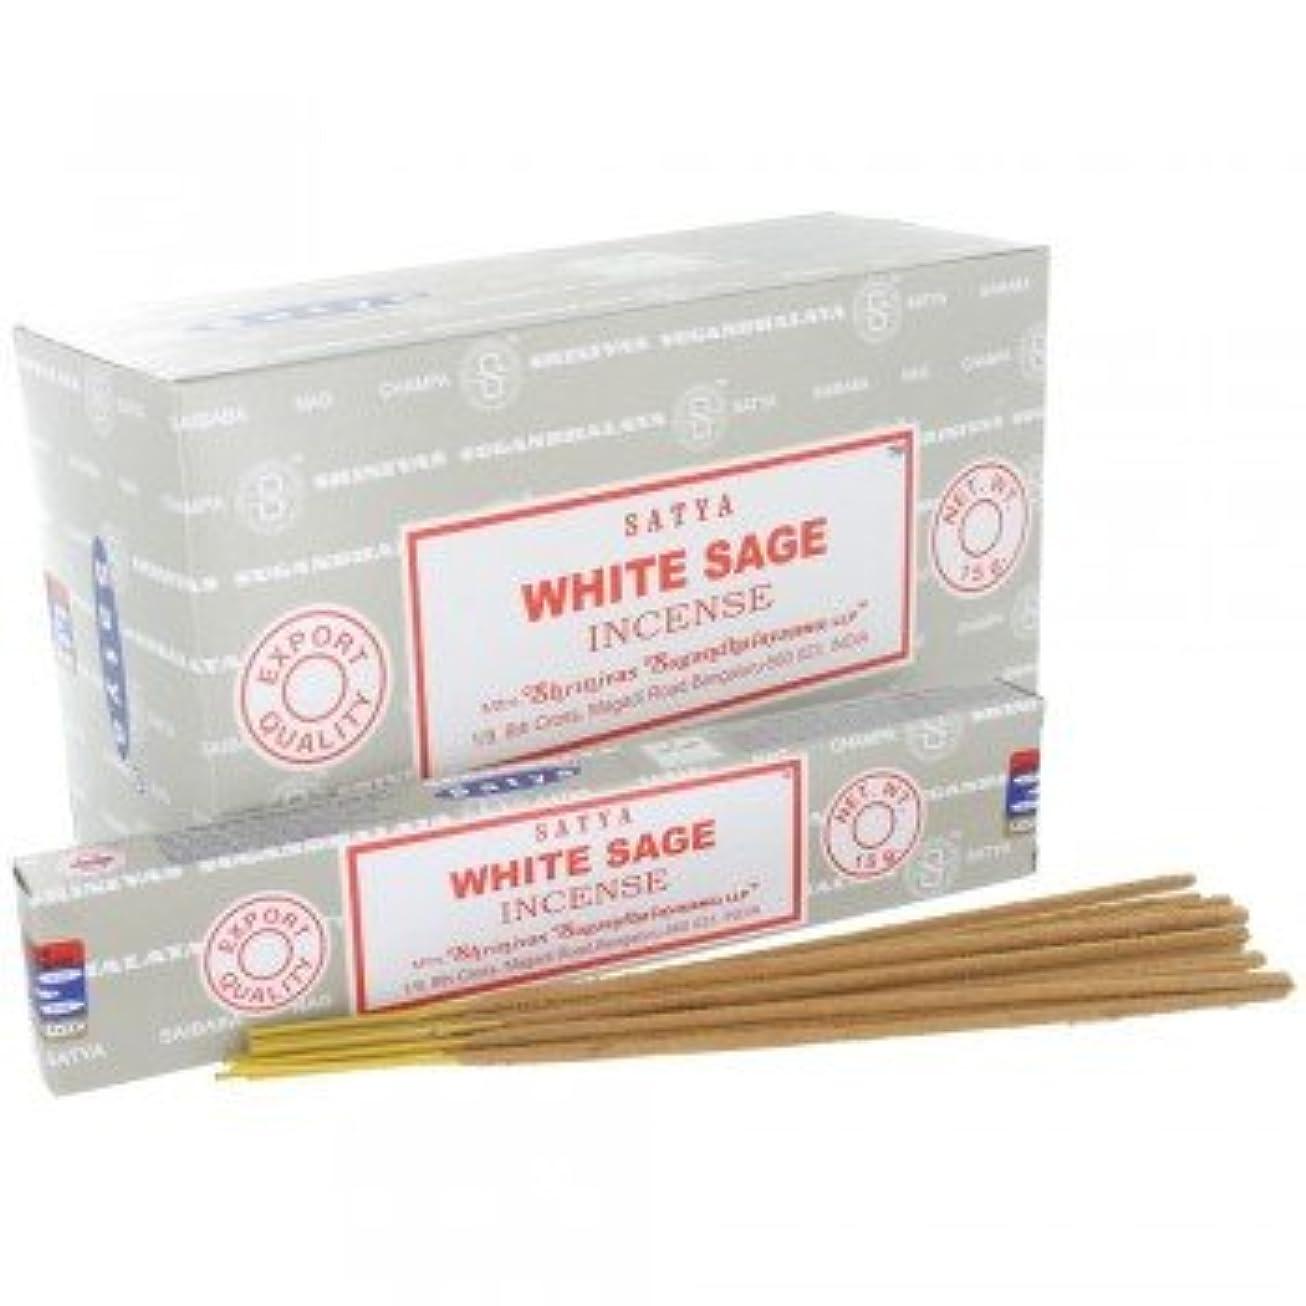 敬水曜日強度SATYA WHITE SAGE ホワイトセージ 聖なる樹 浄化 お香 スティック 約15g入 (1個) [並行輸入品]